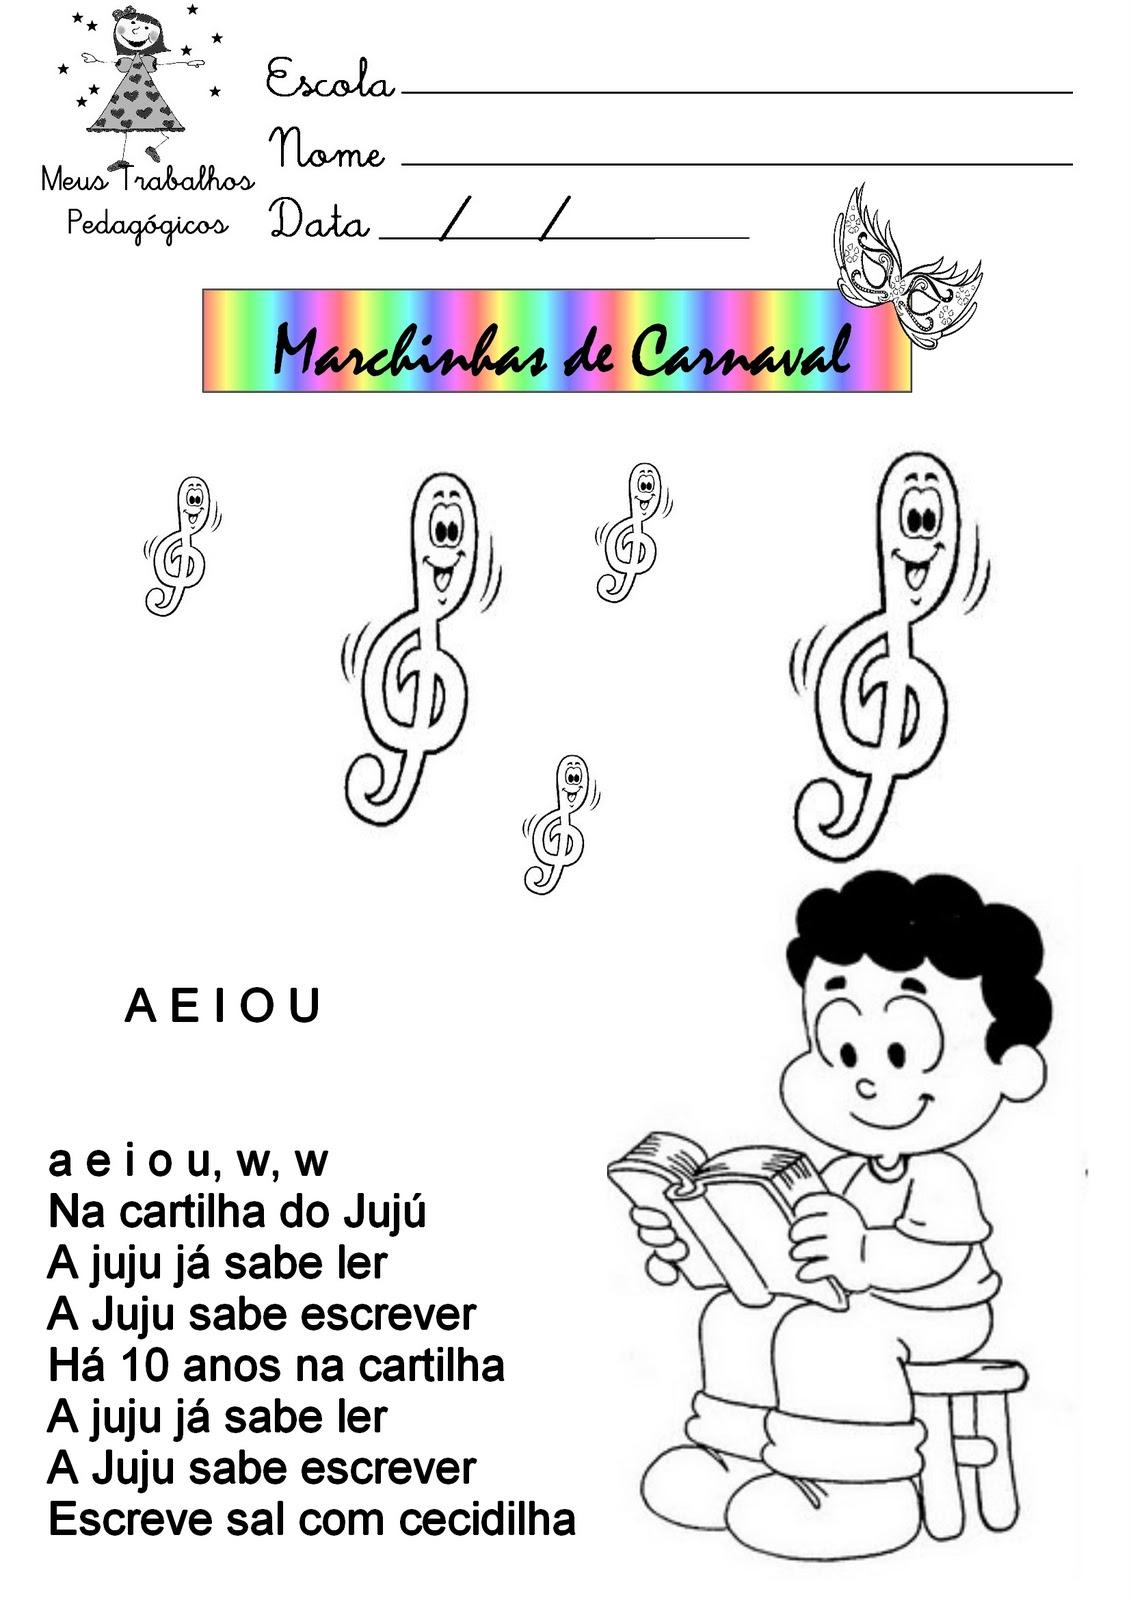 Fabuloso Meus Trabalhos Pedagógicos ®: Texto com Marchinhas de Carnaval PO11